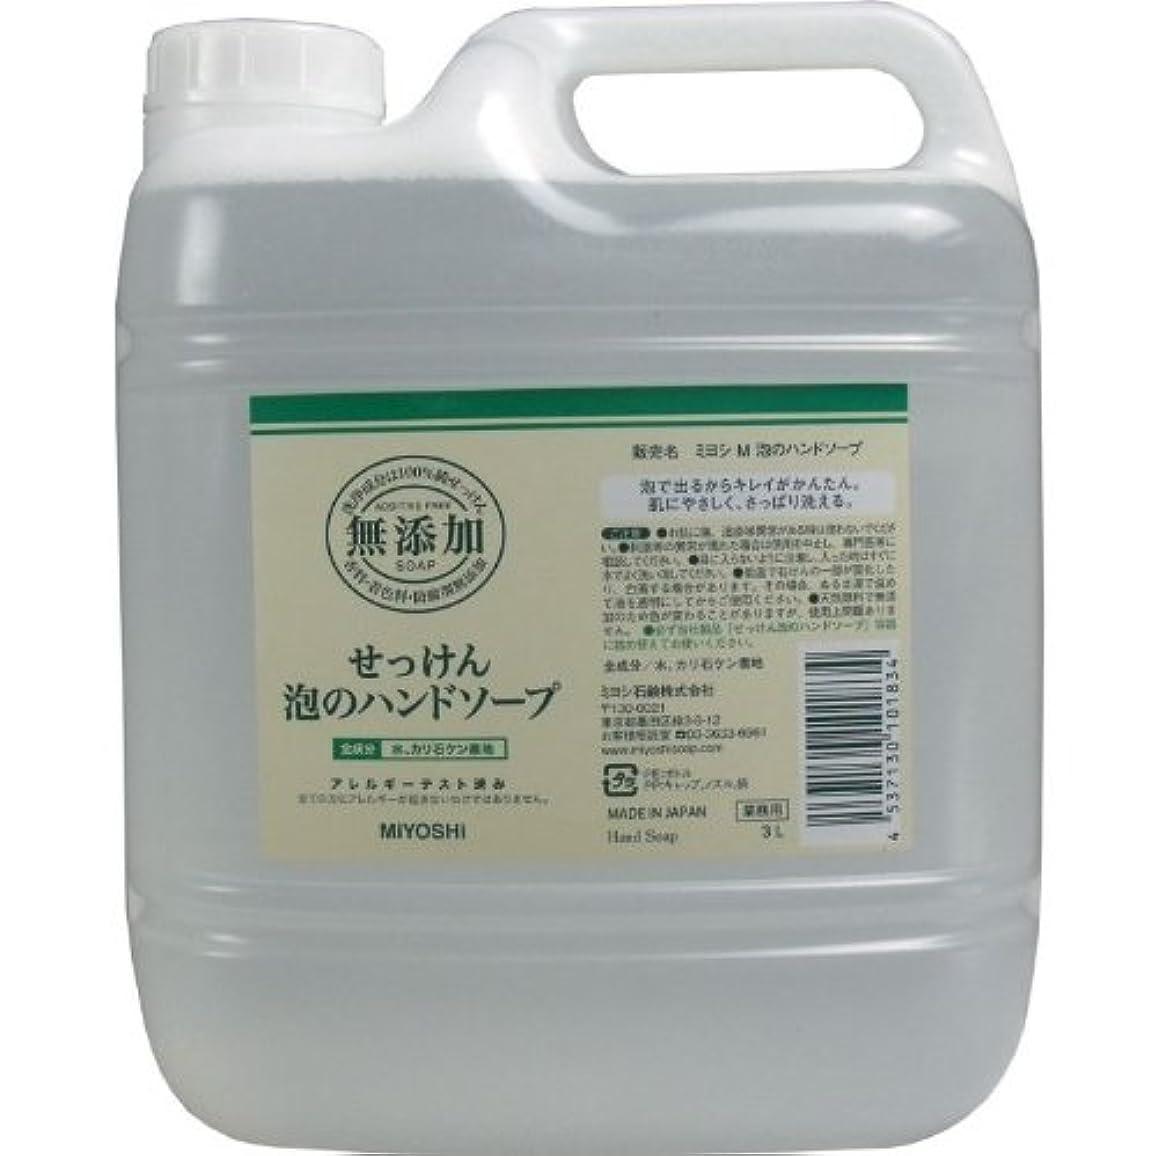 体細胞冊子交通泡で出るからキレイが簡単!家事の間のサッと洗いも簡単!香料、着色料、防腐剤無添加!(業務用)3L【3個セット】